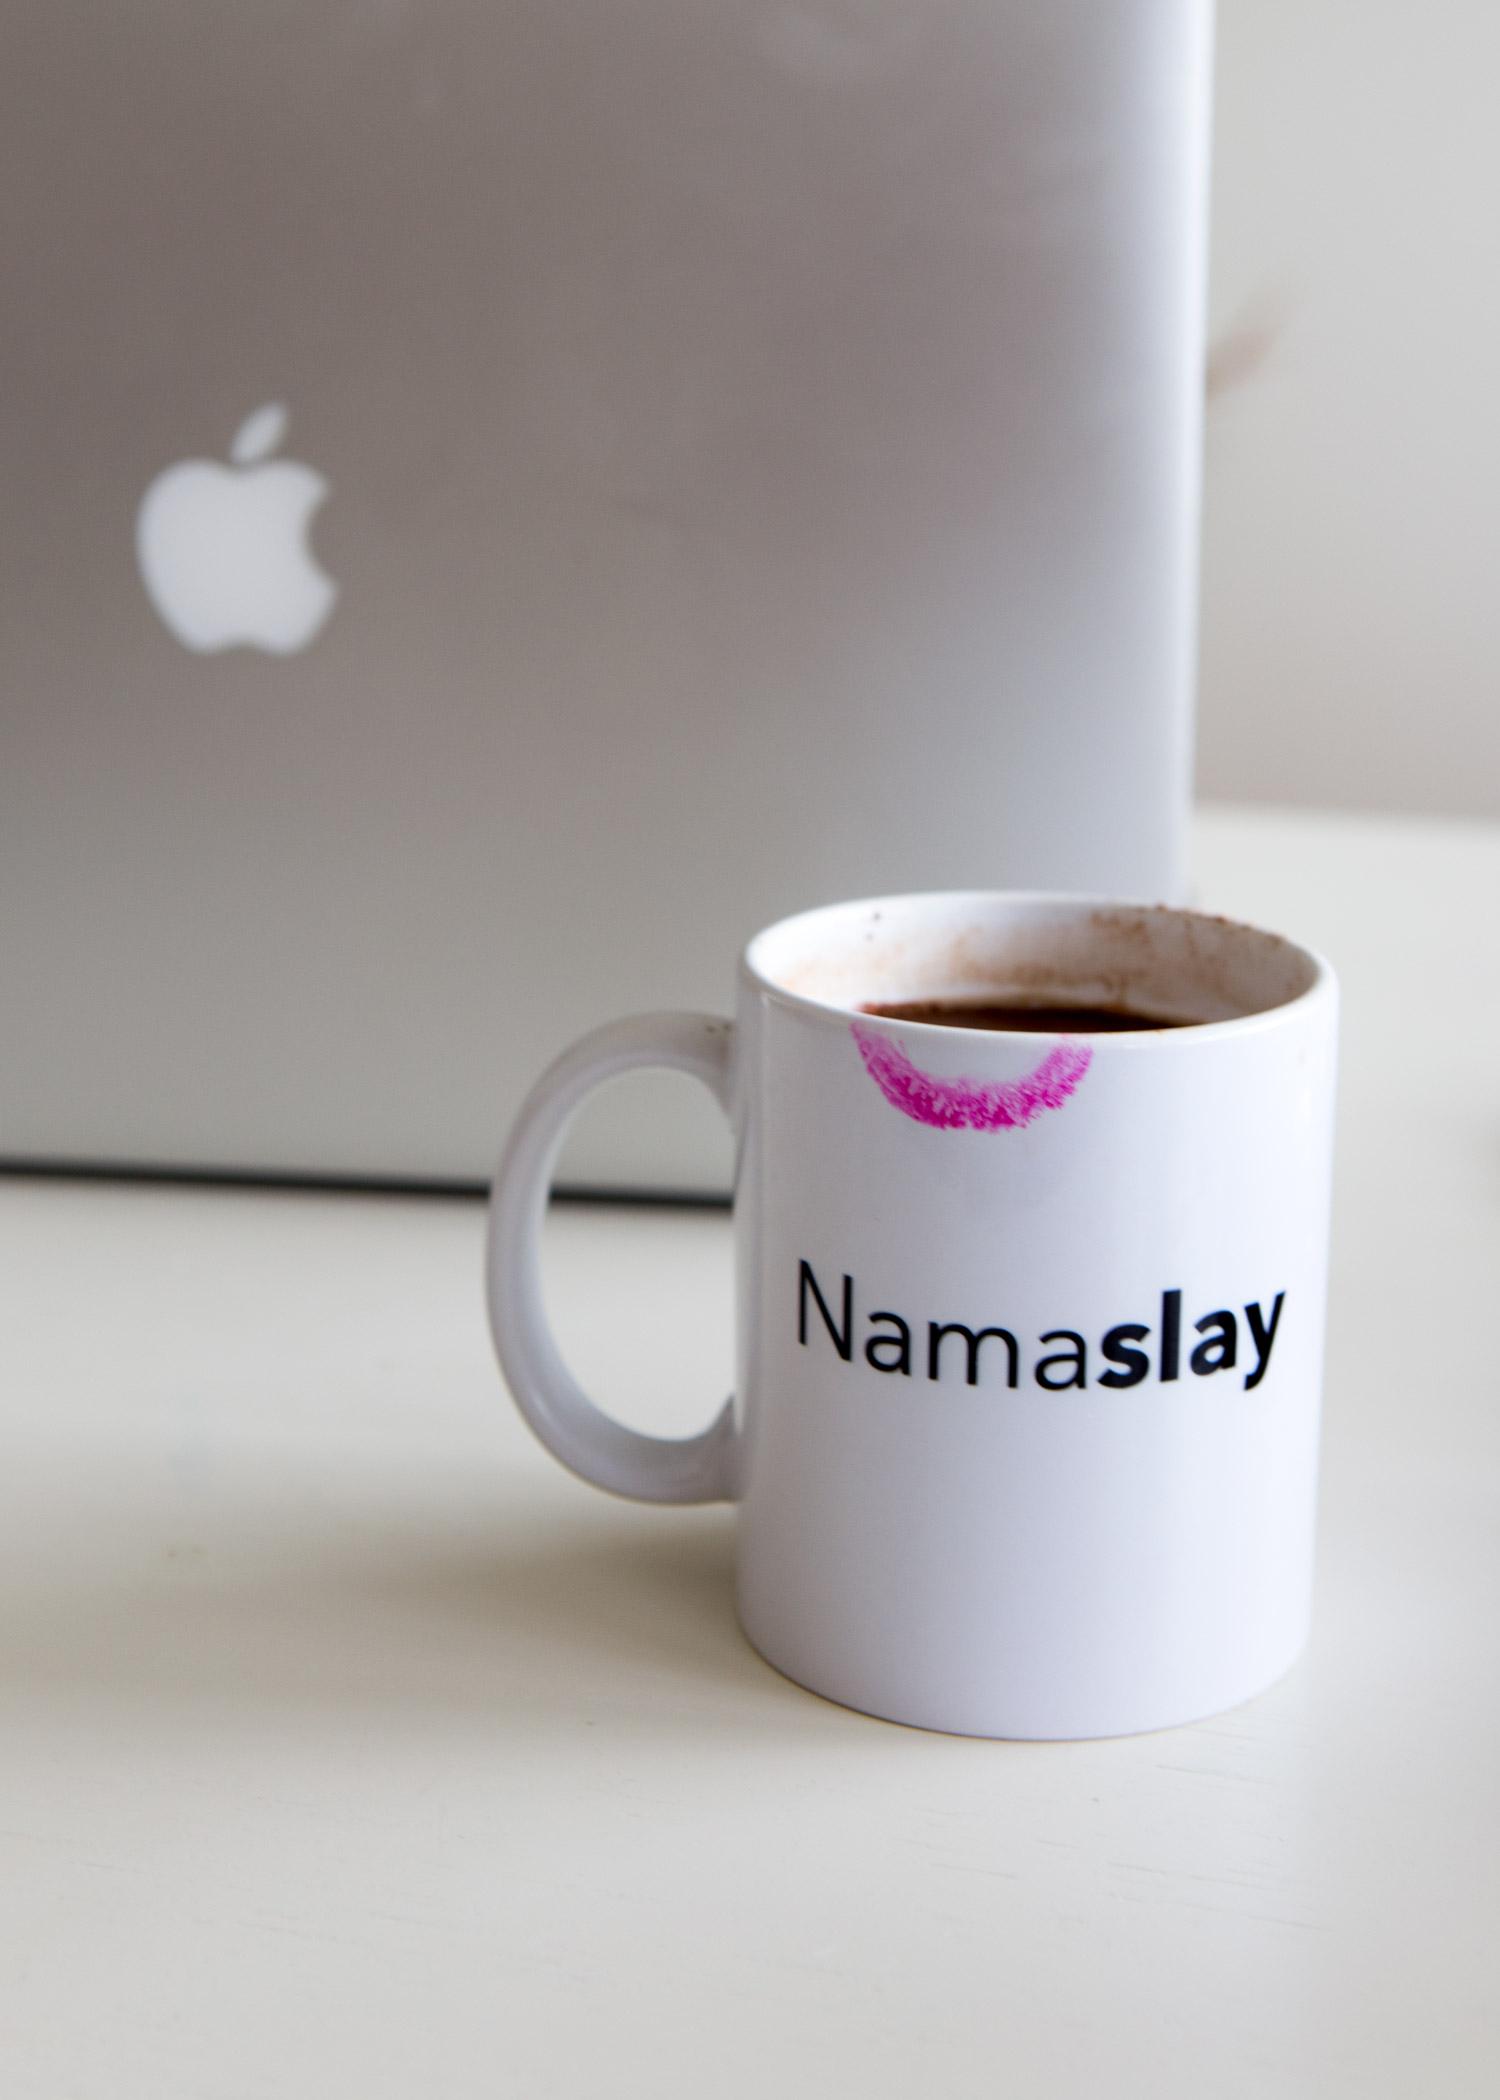 Namaslay Mug here